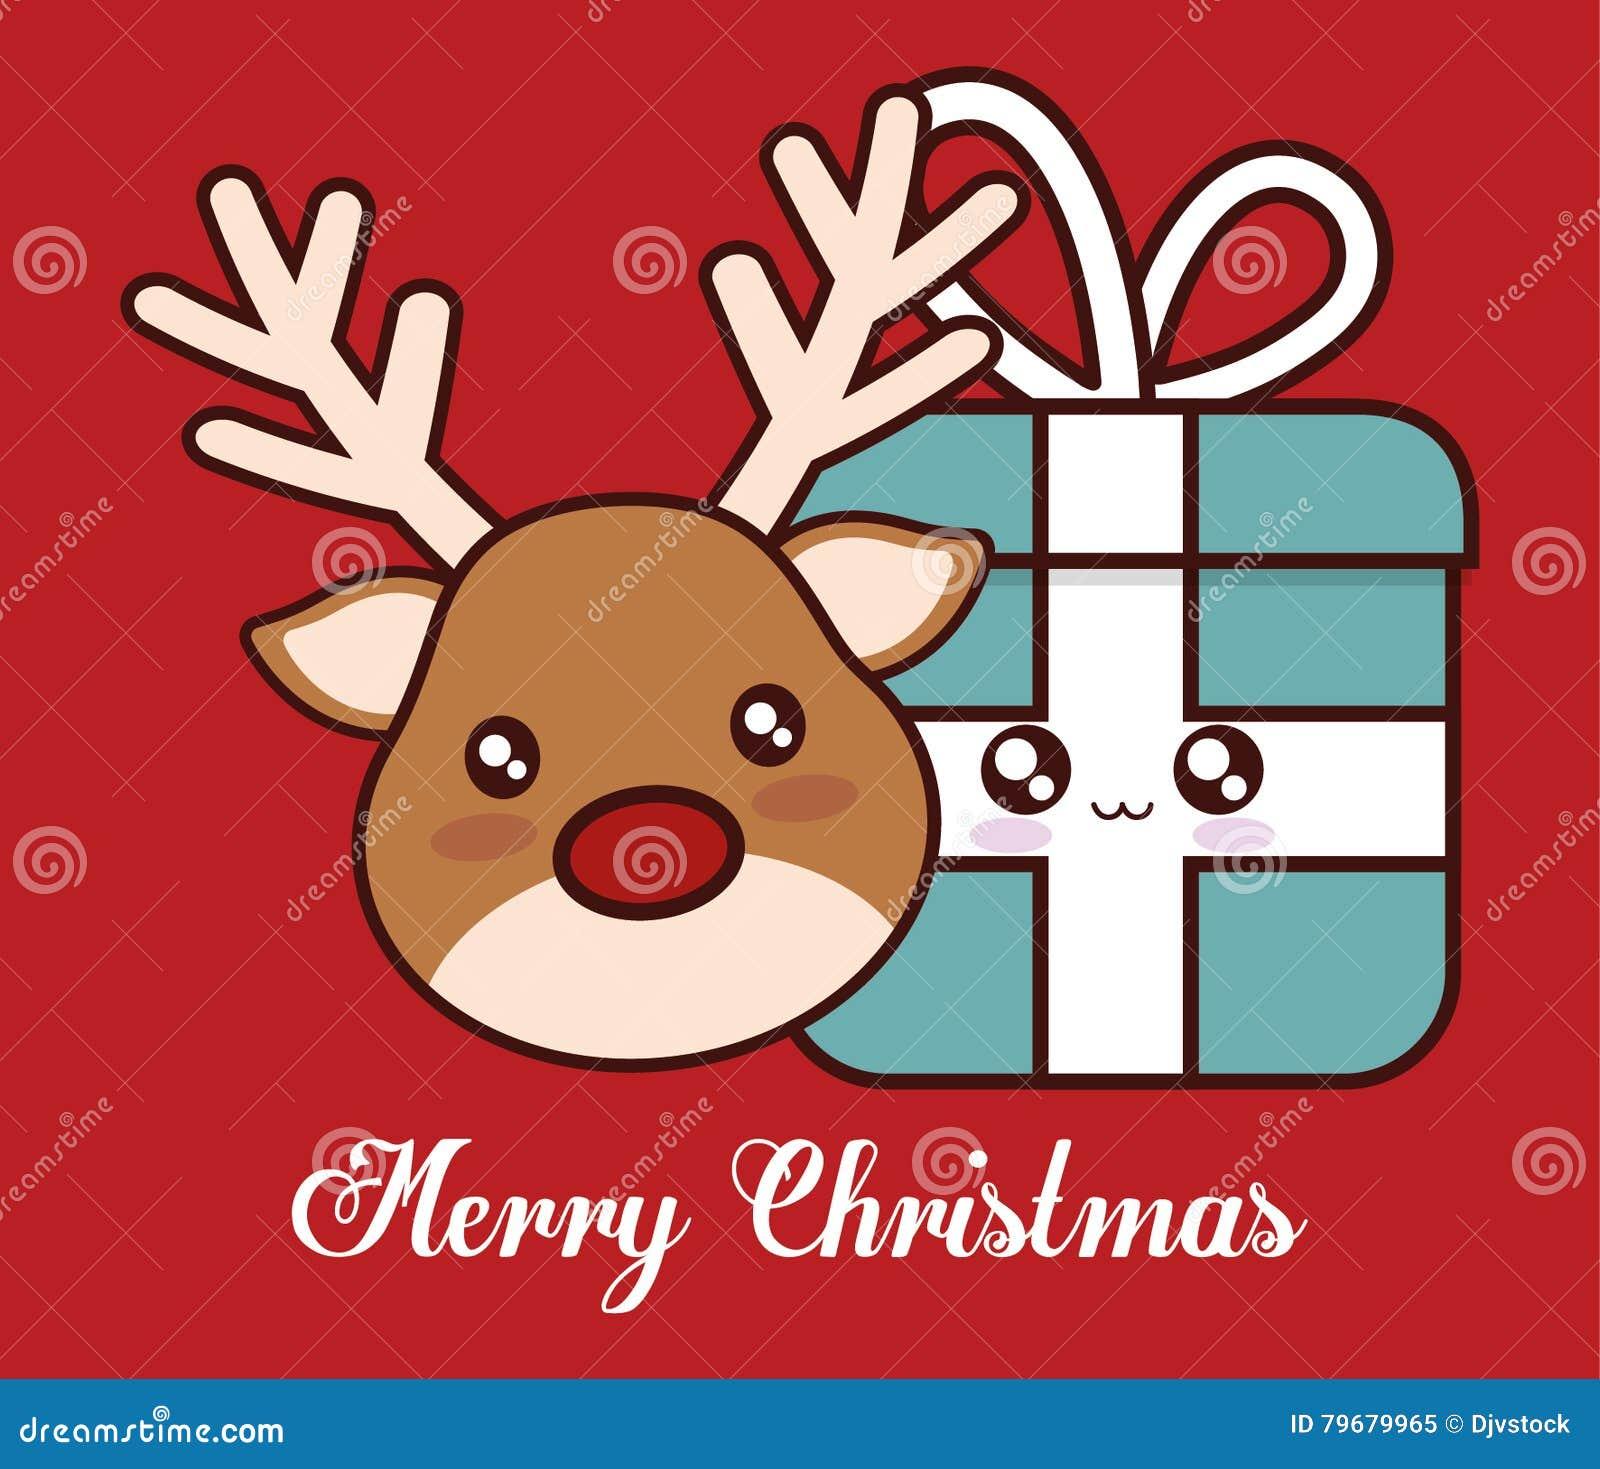 Immagini Natale Kawaii